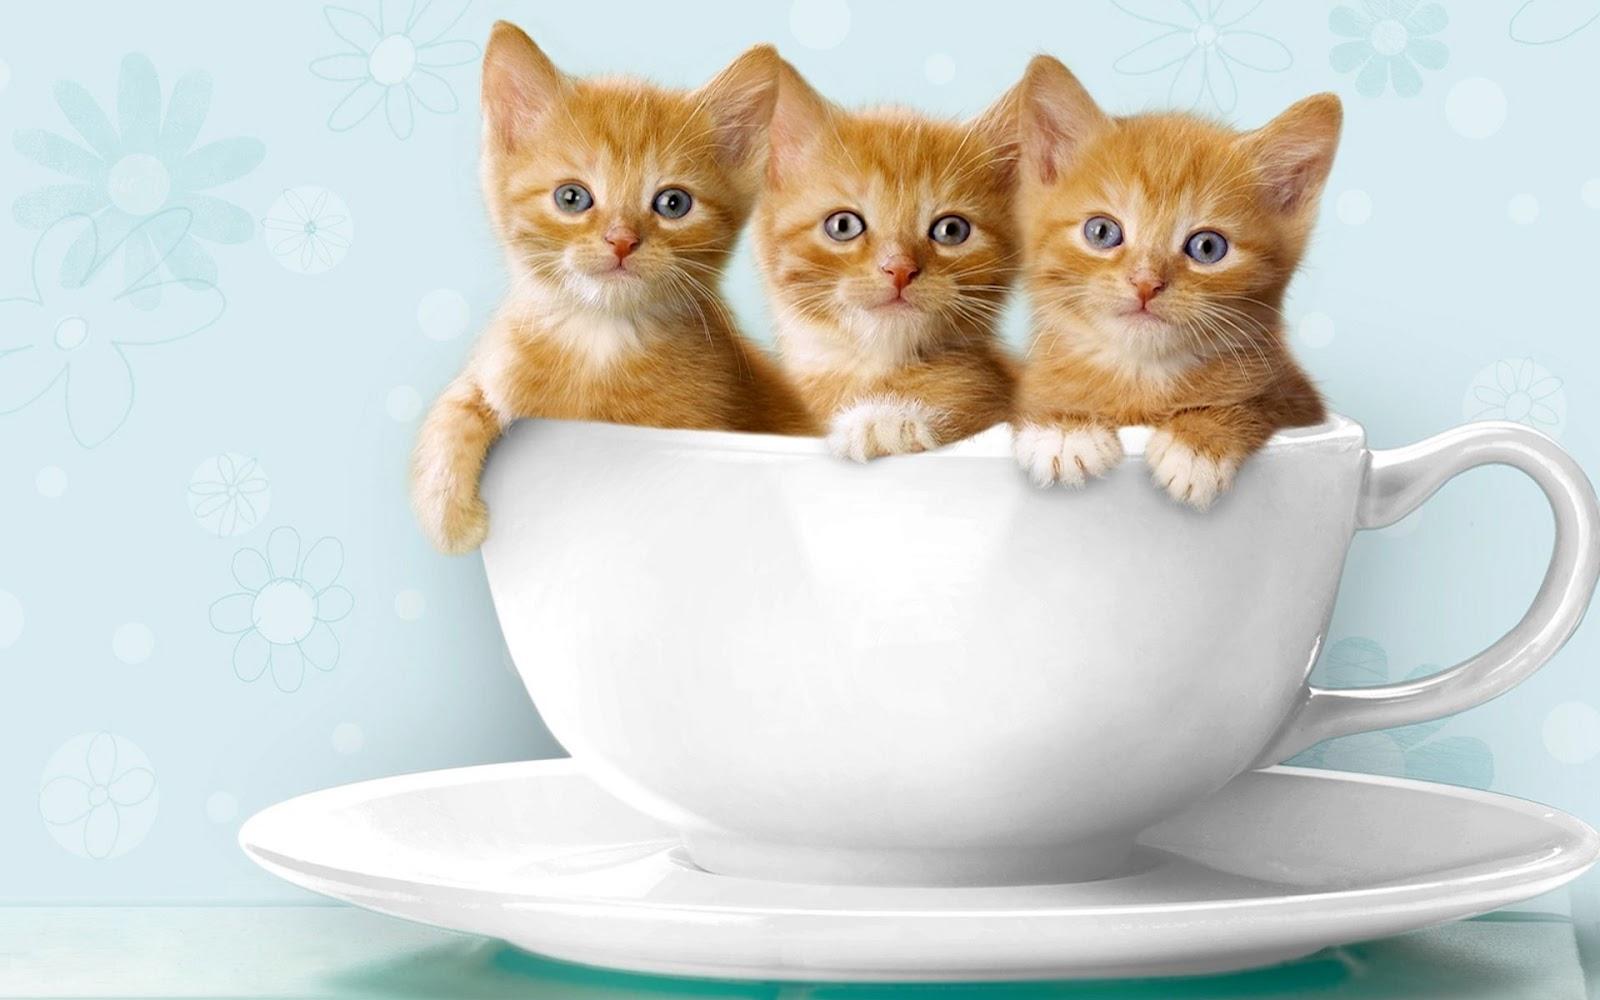 wallpaper kucing lucu dan imut foto kucing imut kucing lucu